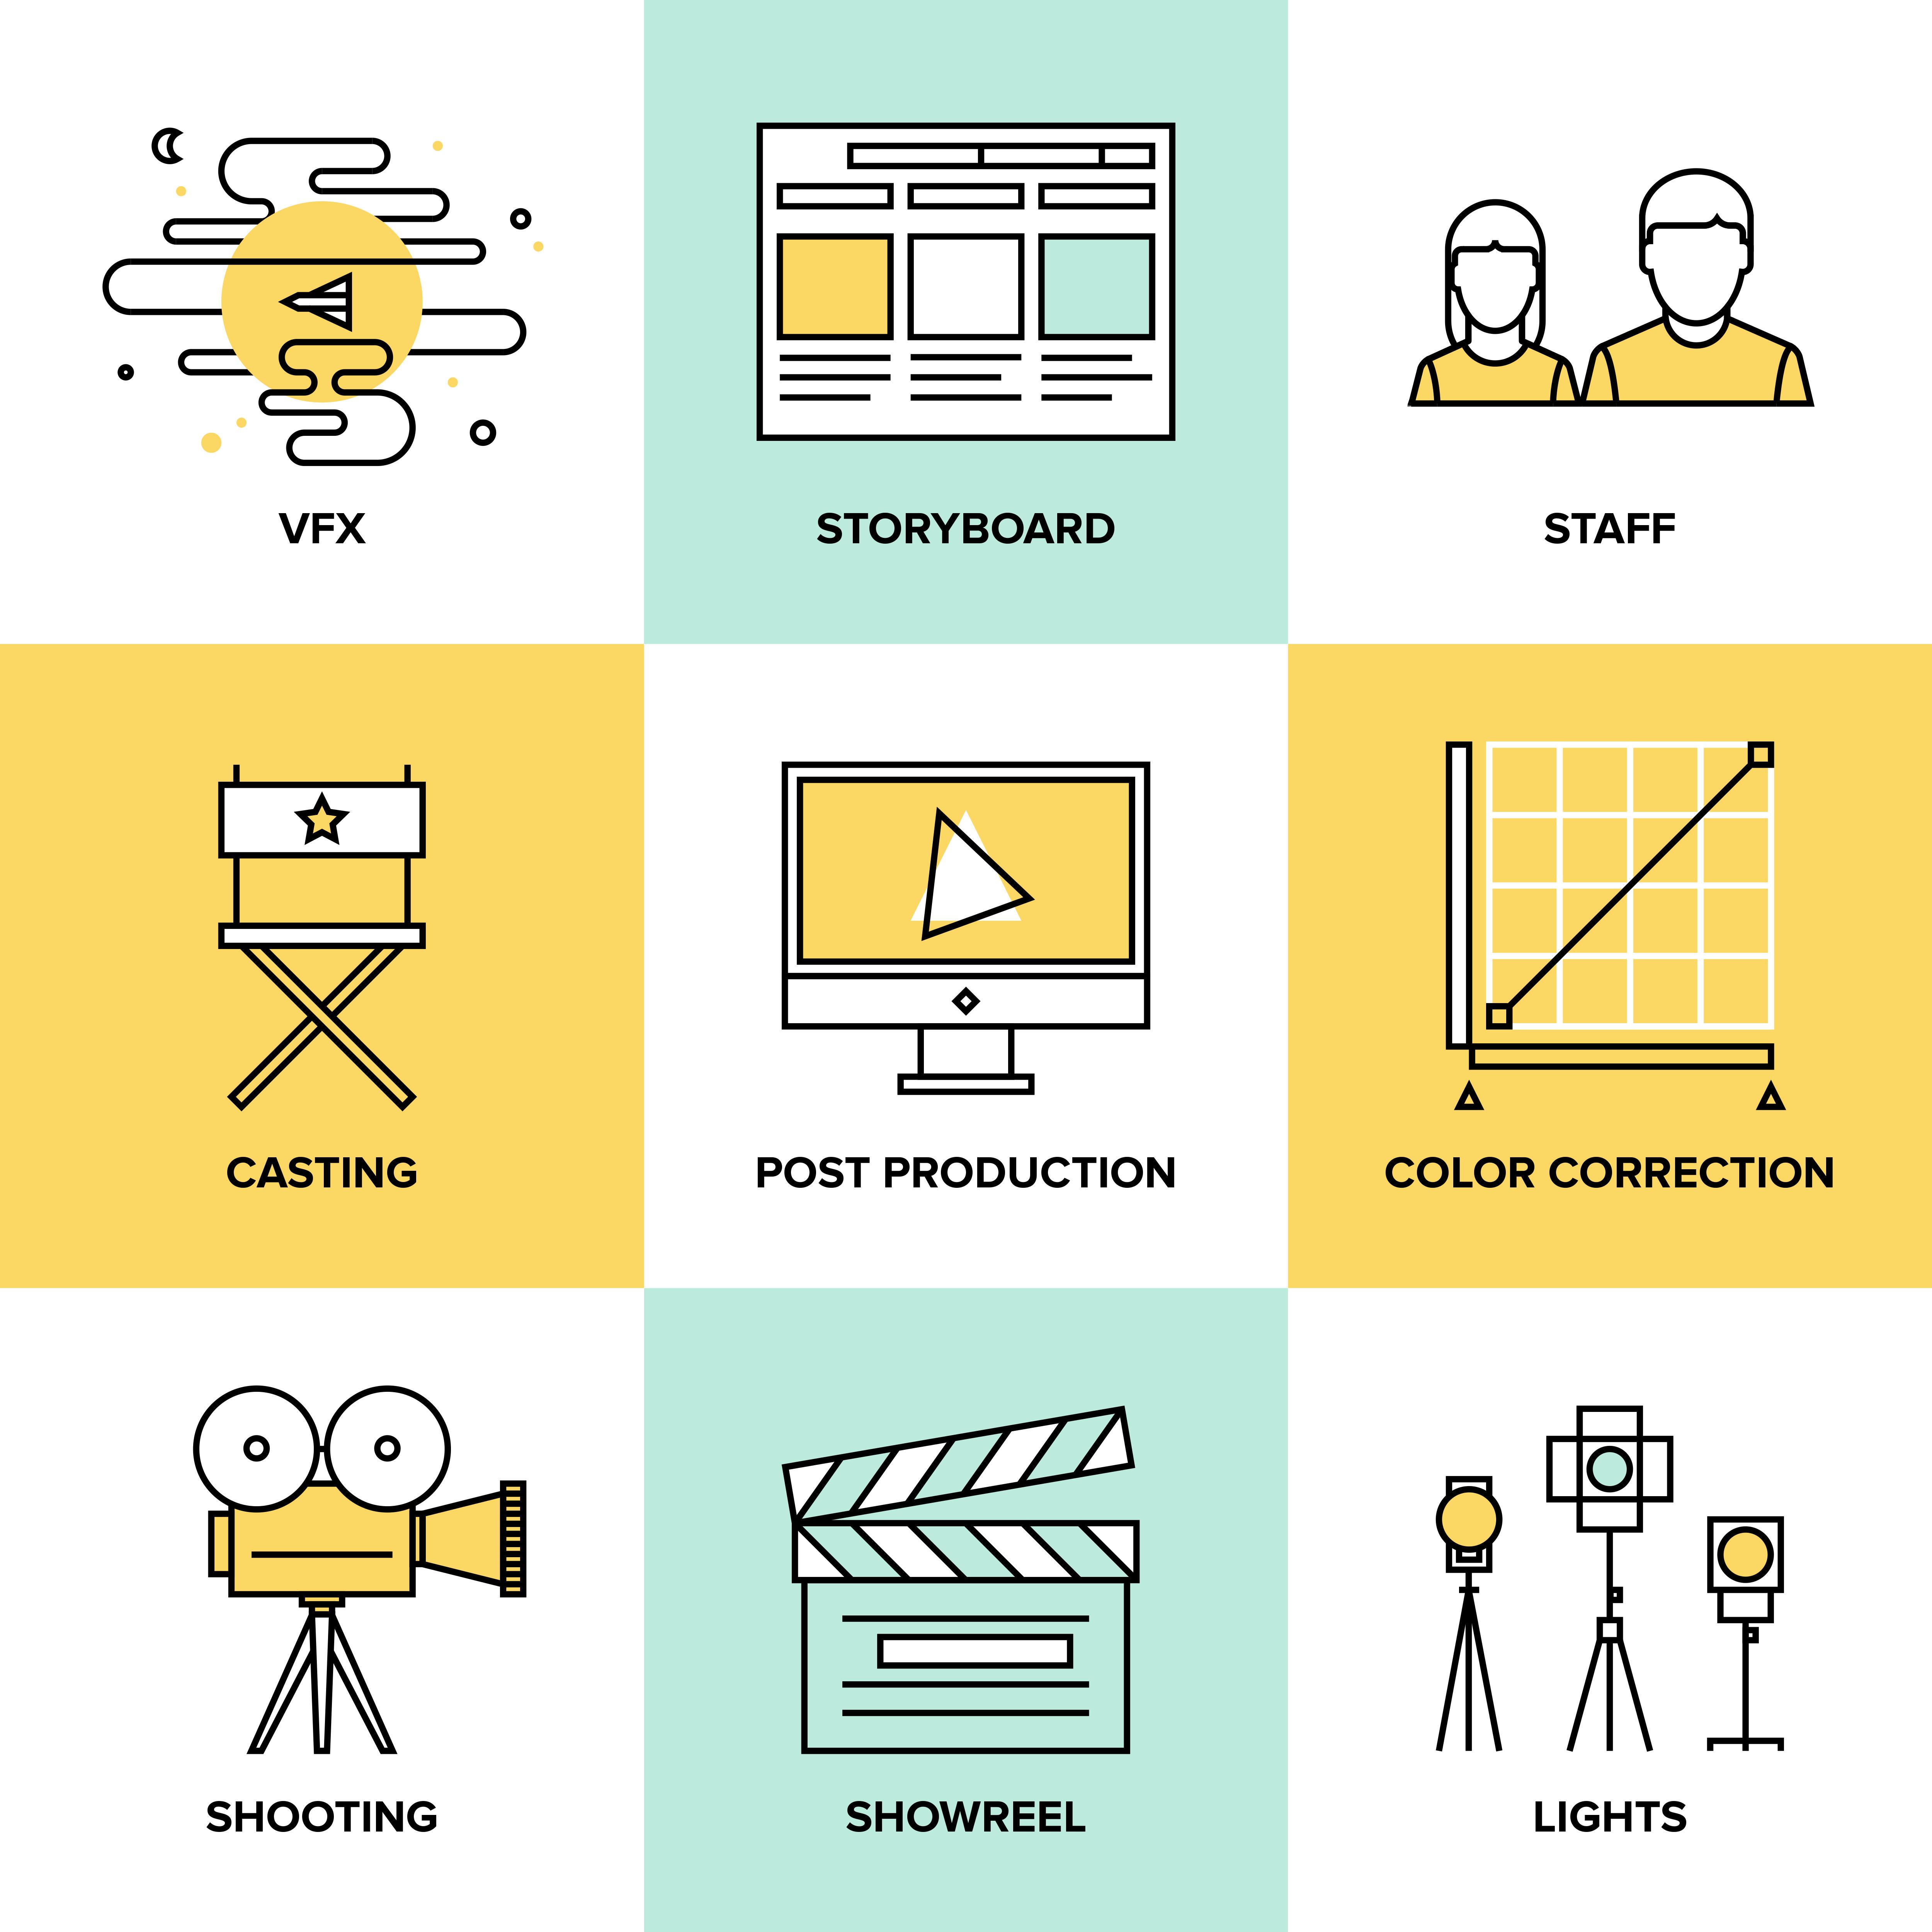 映像・動画制作料金の内訳と工程